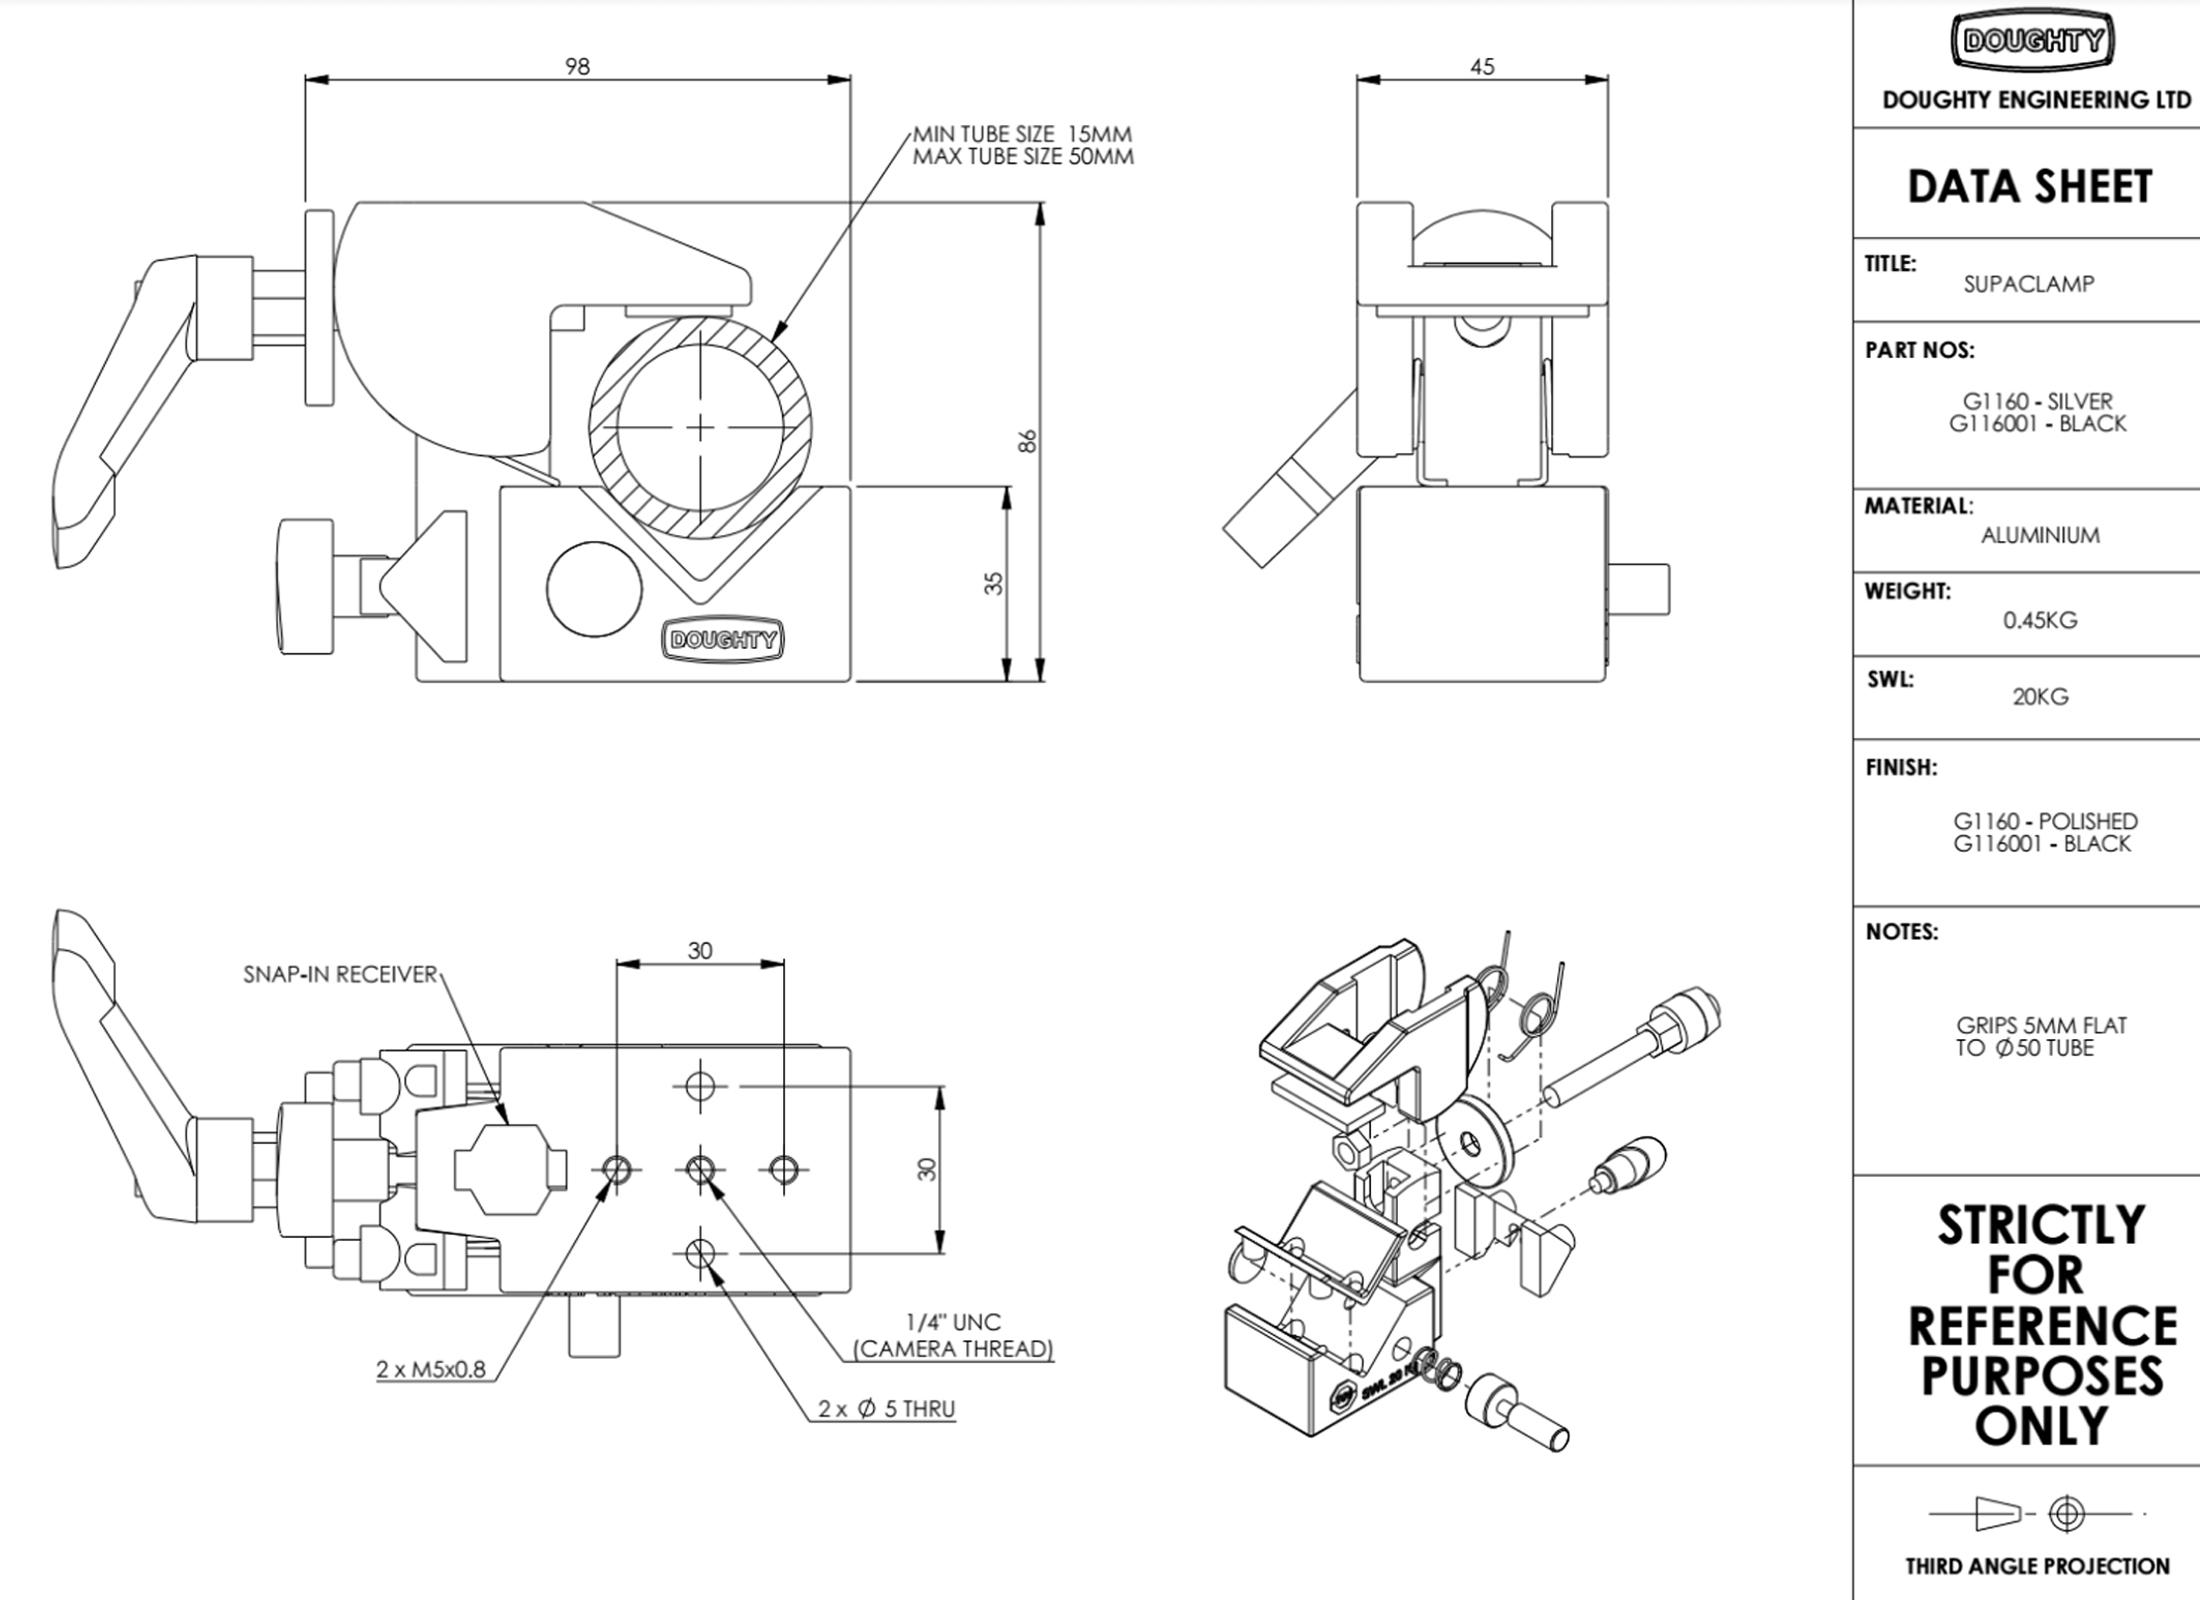 Wiring Diagram Demag Hoist Model Ekdh212h16kv24  1f